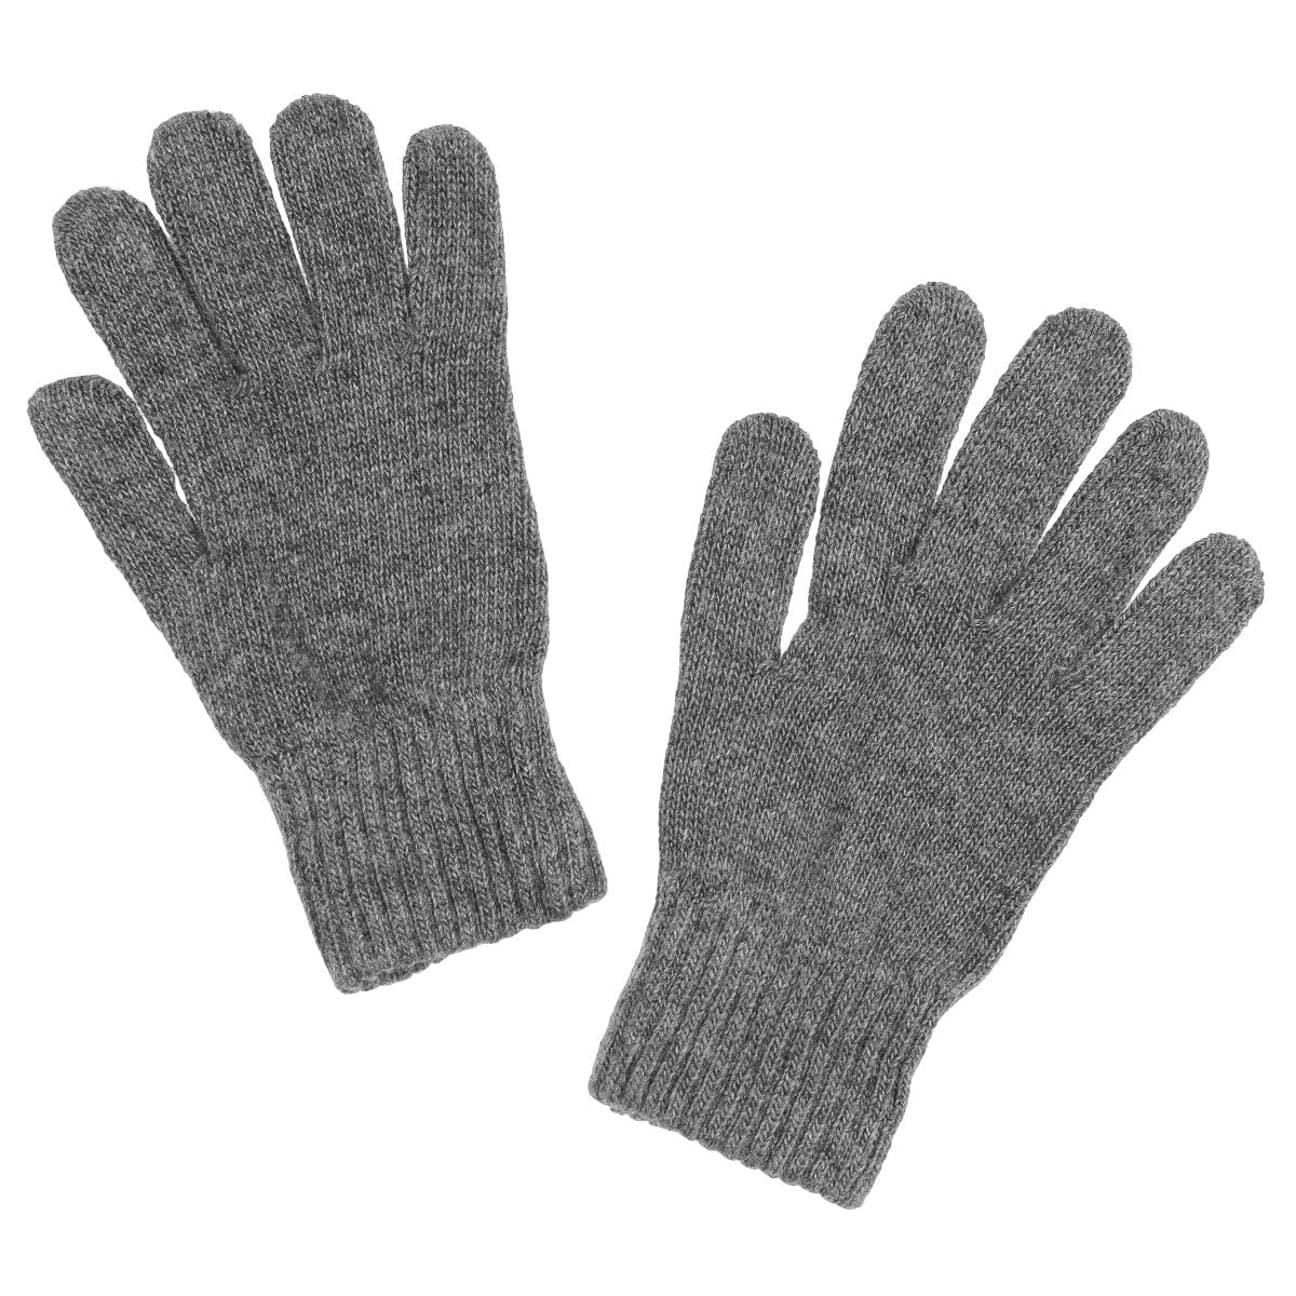 gants m lange de laine cachemire by lierys 19 95. Black Bedroom Furniture Sets. Home Design Ideas